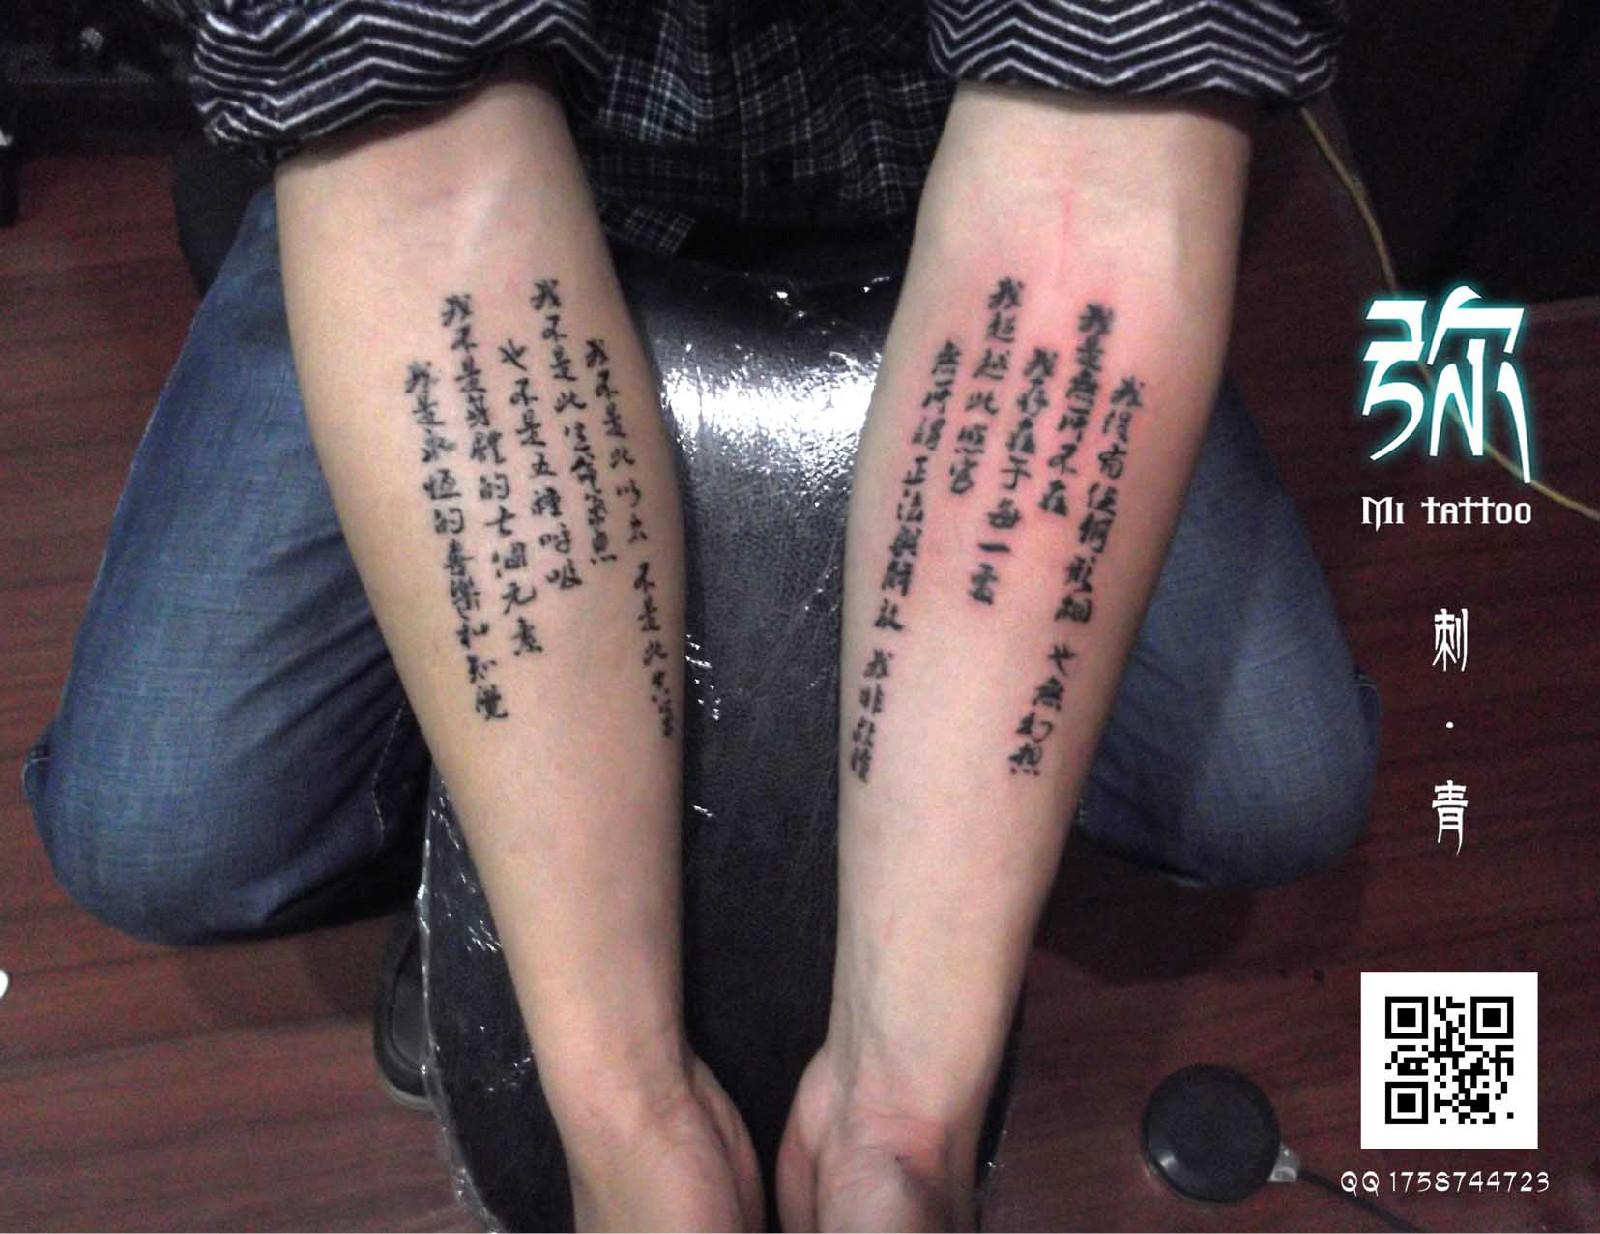 佛教经文纹身/泰国经文纹身图片图片